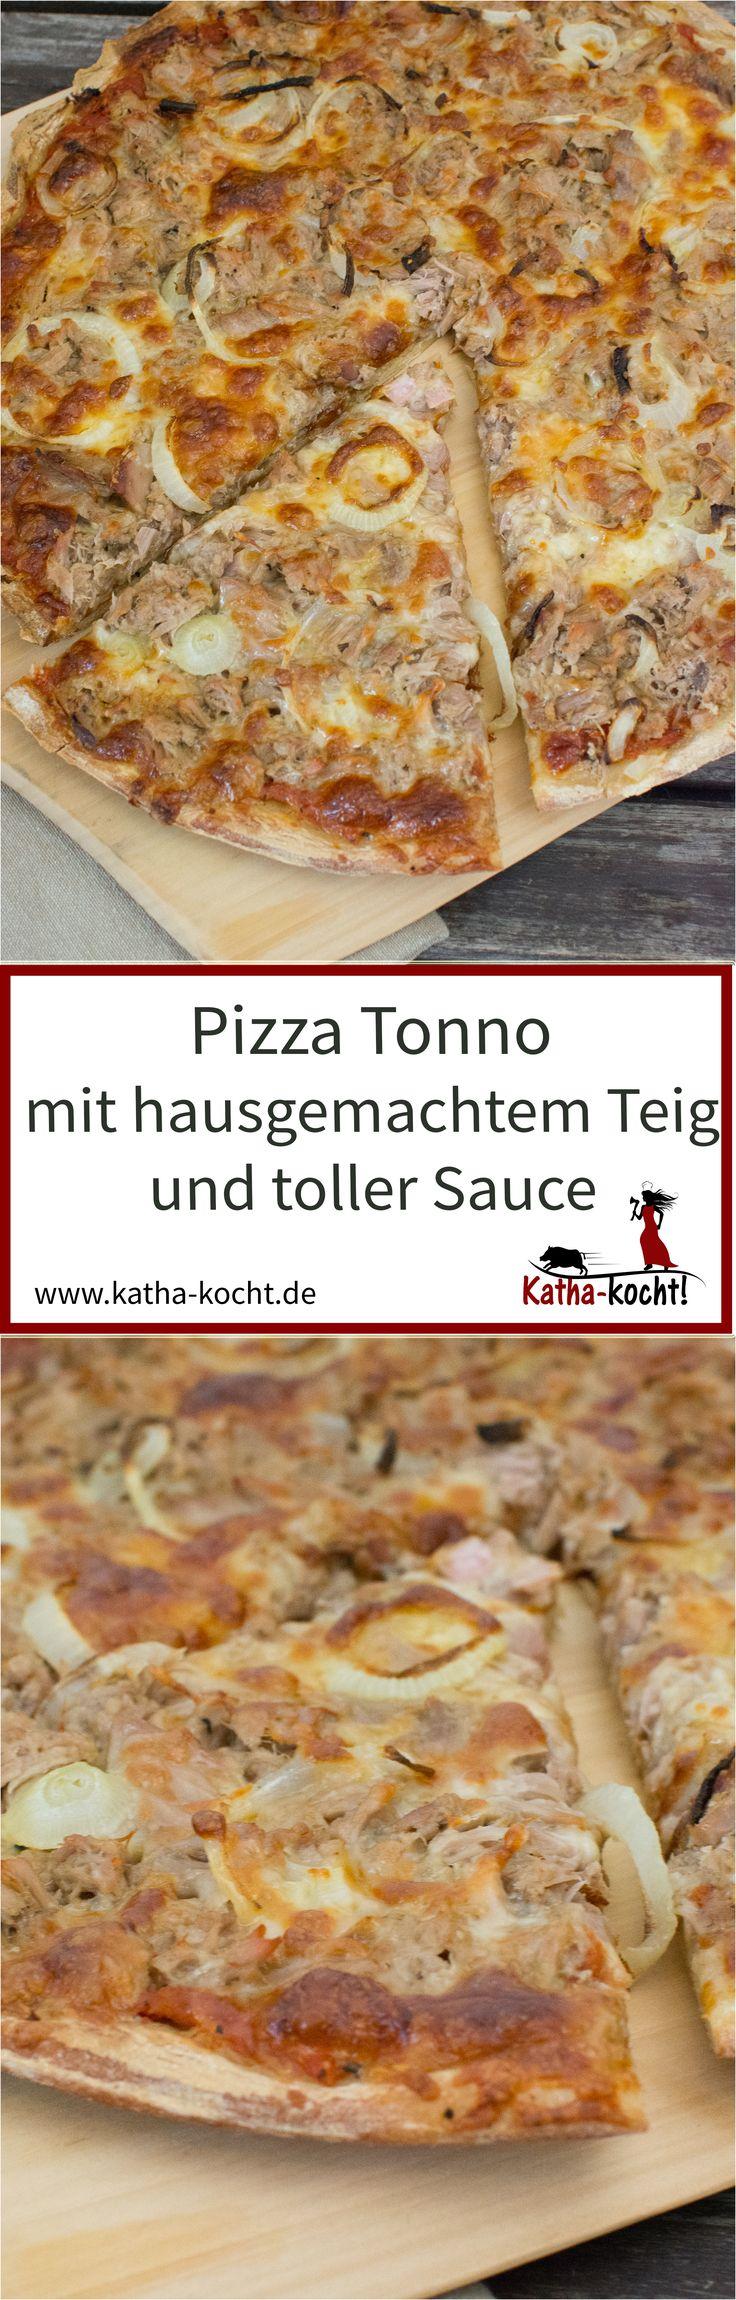 Pizza Tonno, auch bekannt als die klassische Thunfisch Pizza ist ganz schnell gemacht. Mit selbst gemachtem Teig und toller Sauce ist sie trotzdem nie langweilig! Das Rezept gibt es auf katha-kocht!